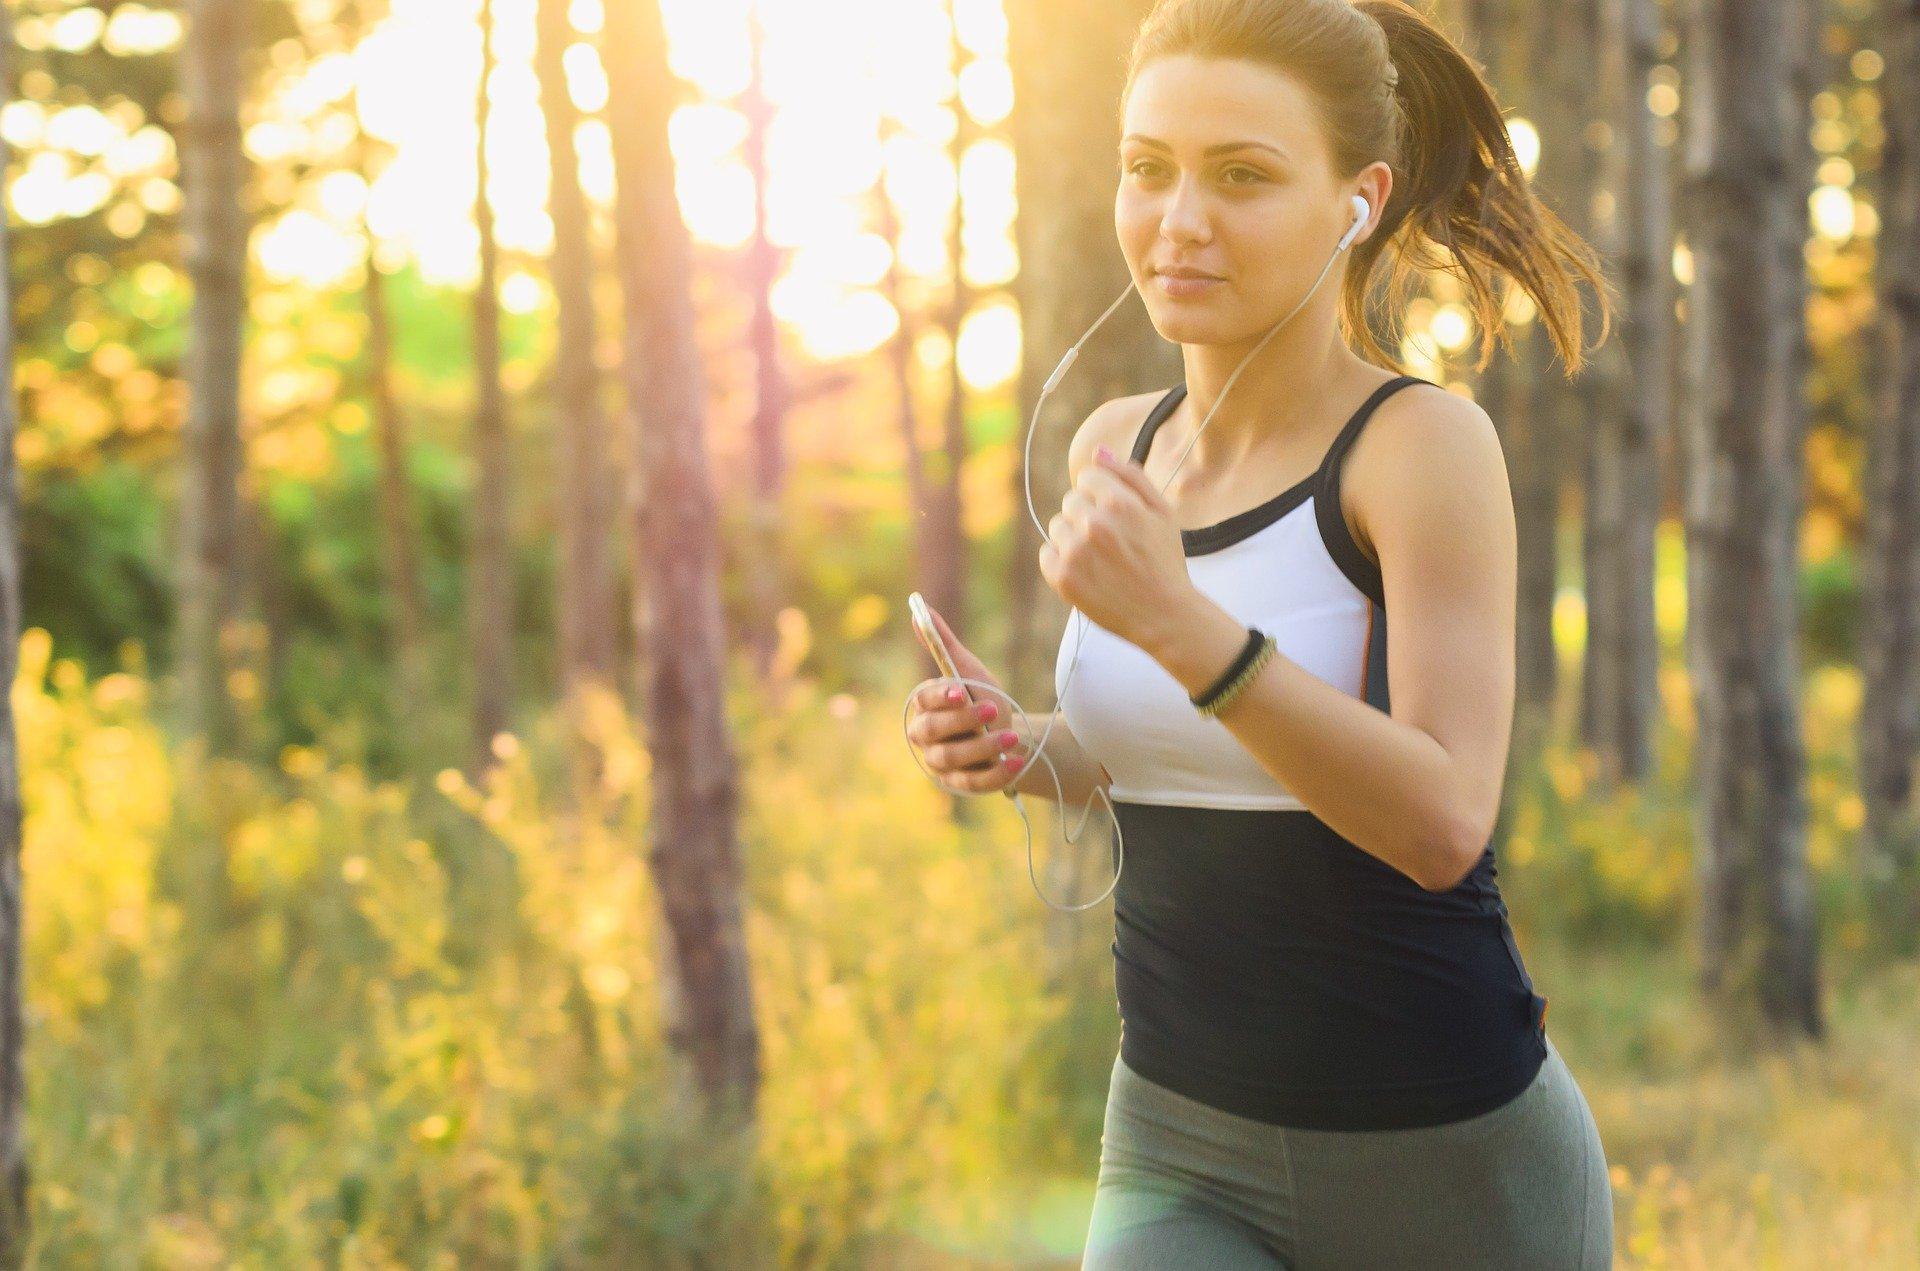 løbende-kvinde